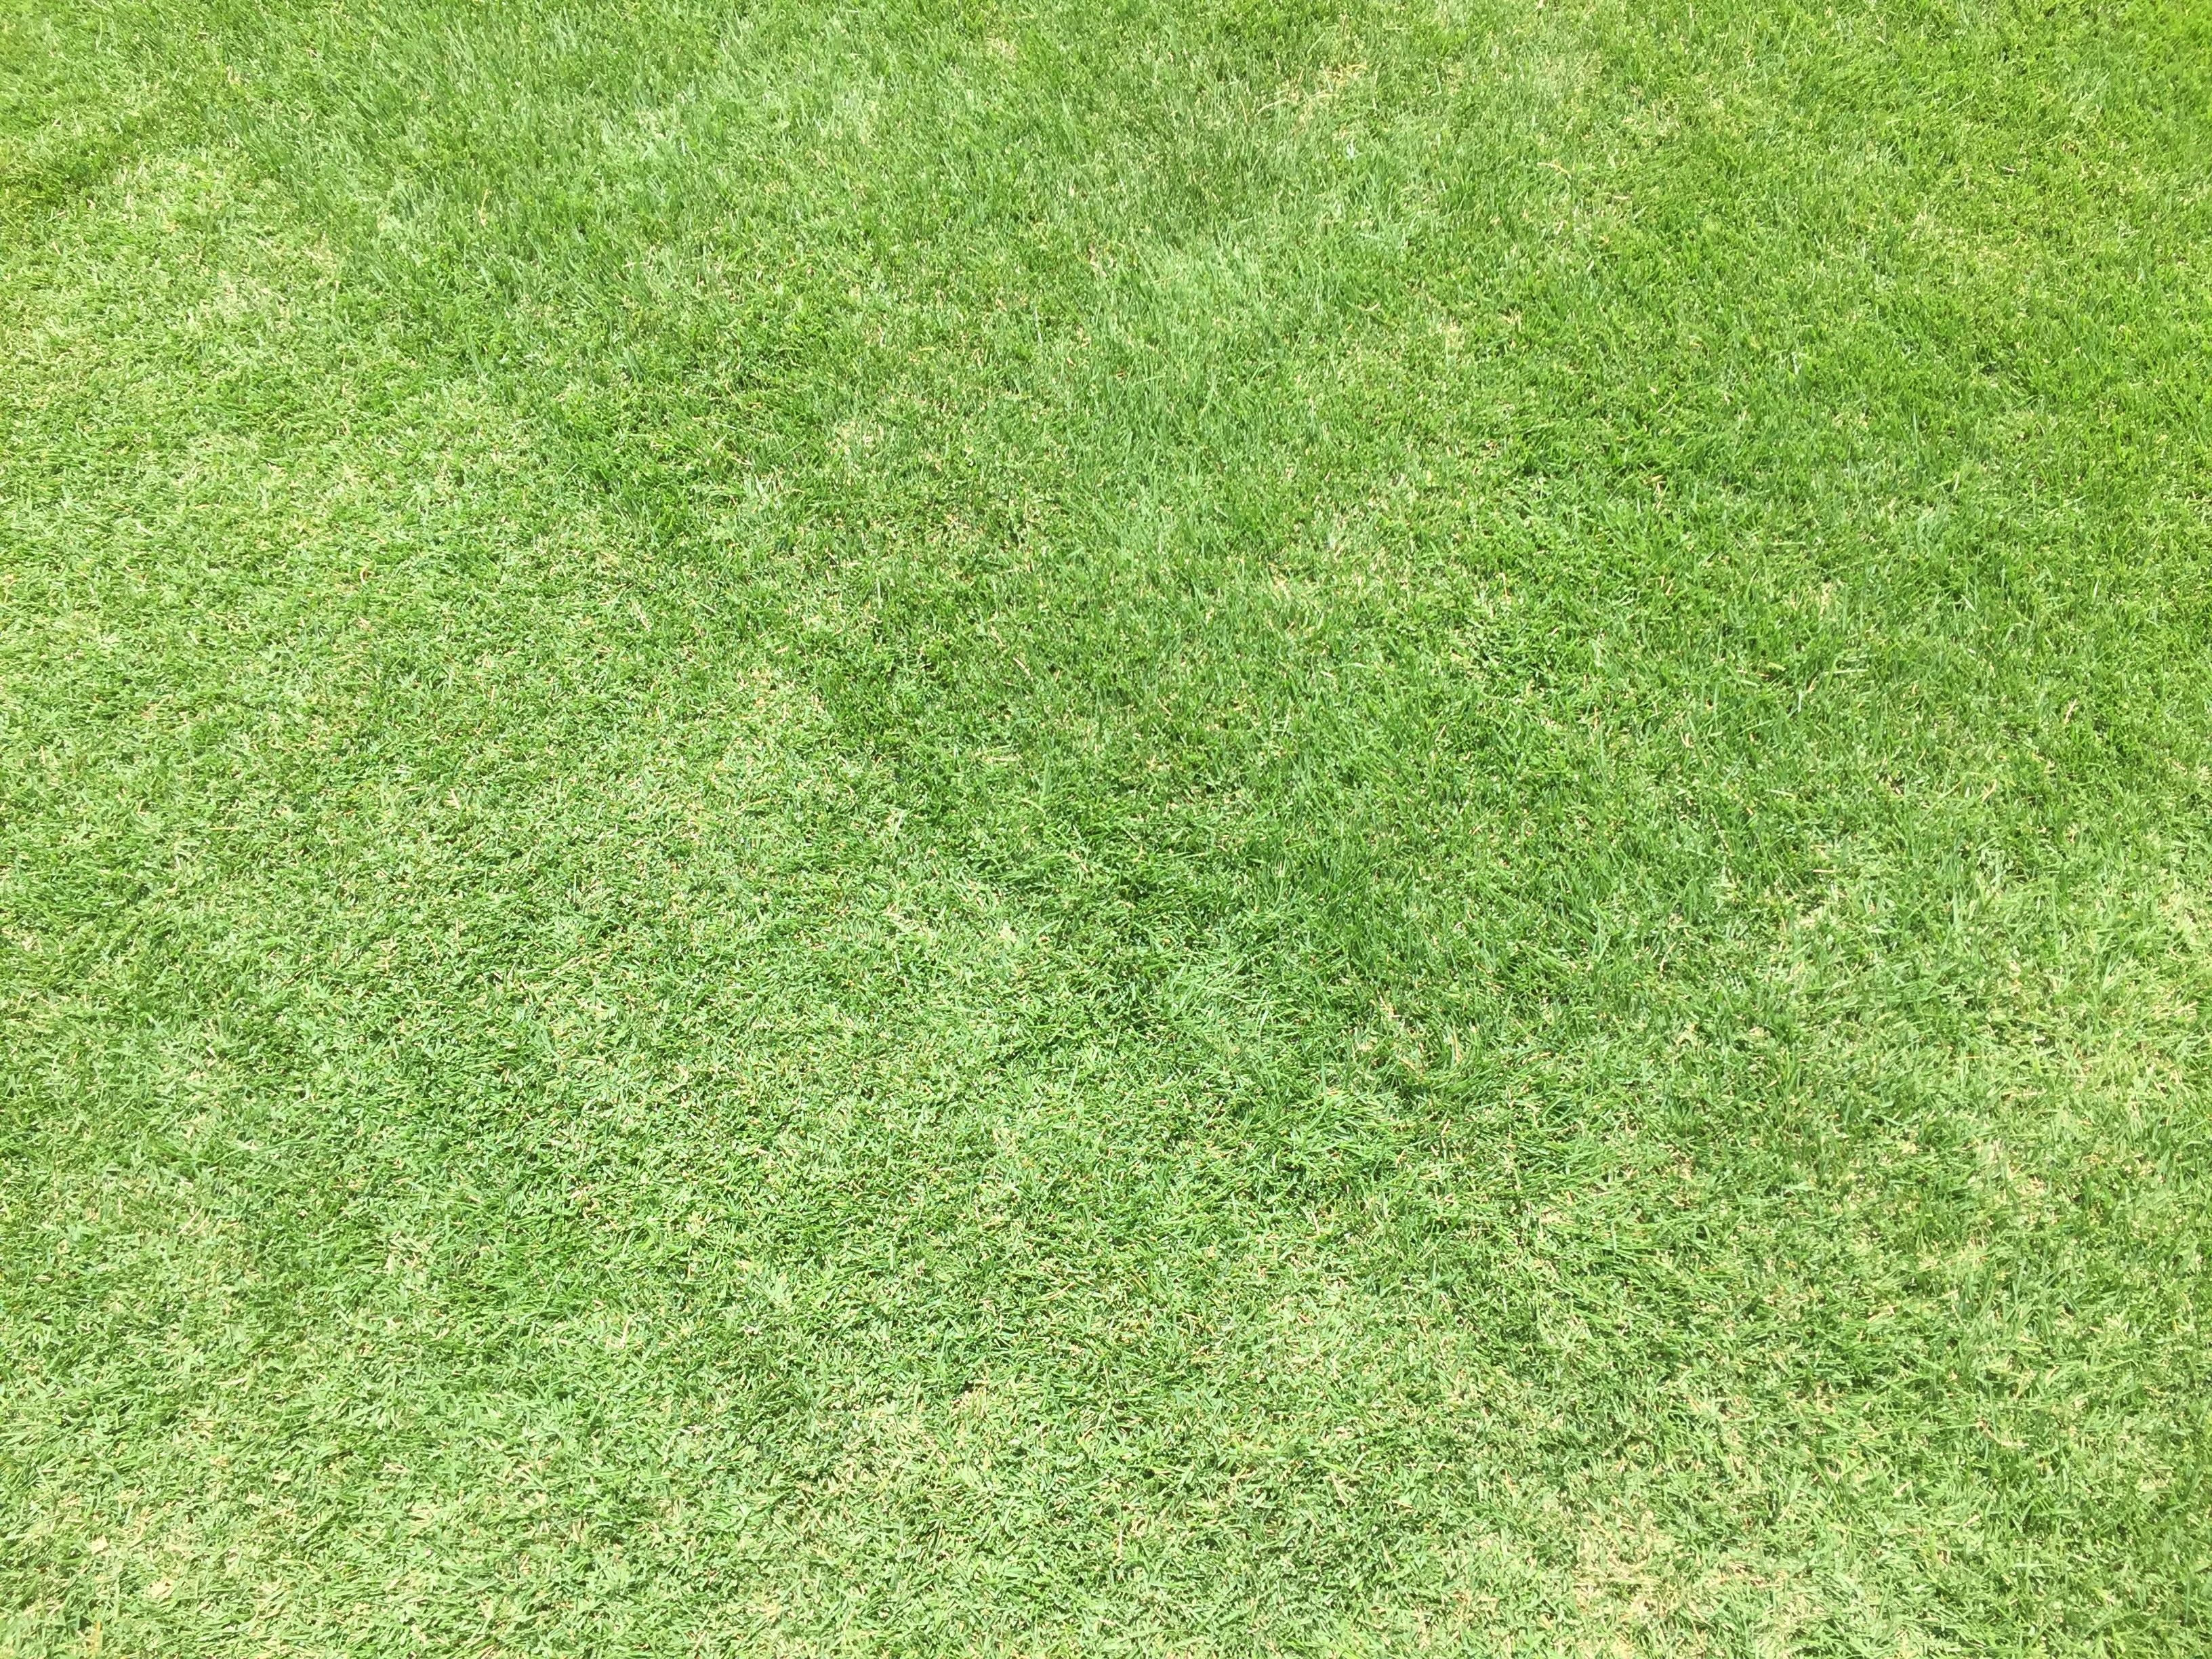 2019.06.06 芝生の状況(芝刈り)